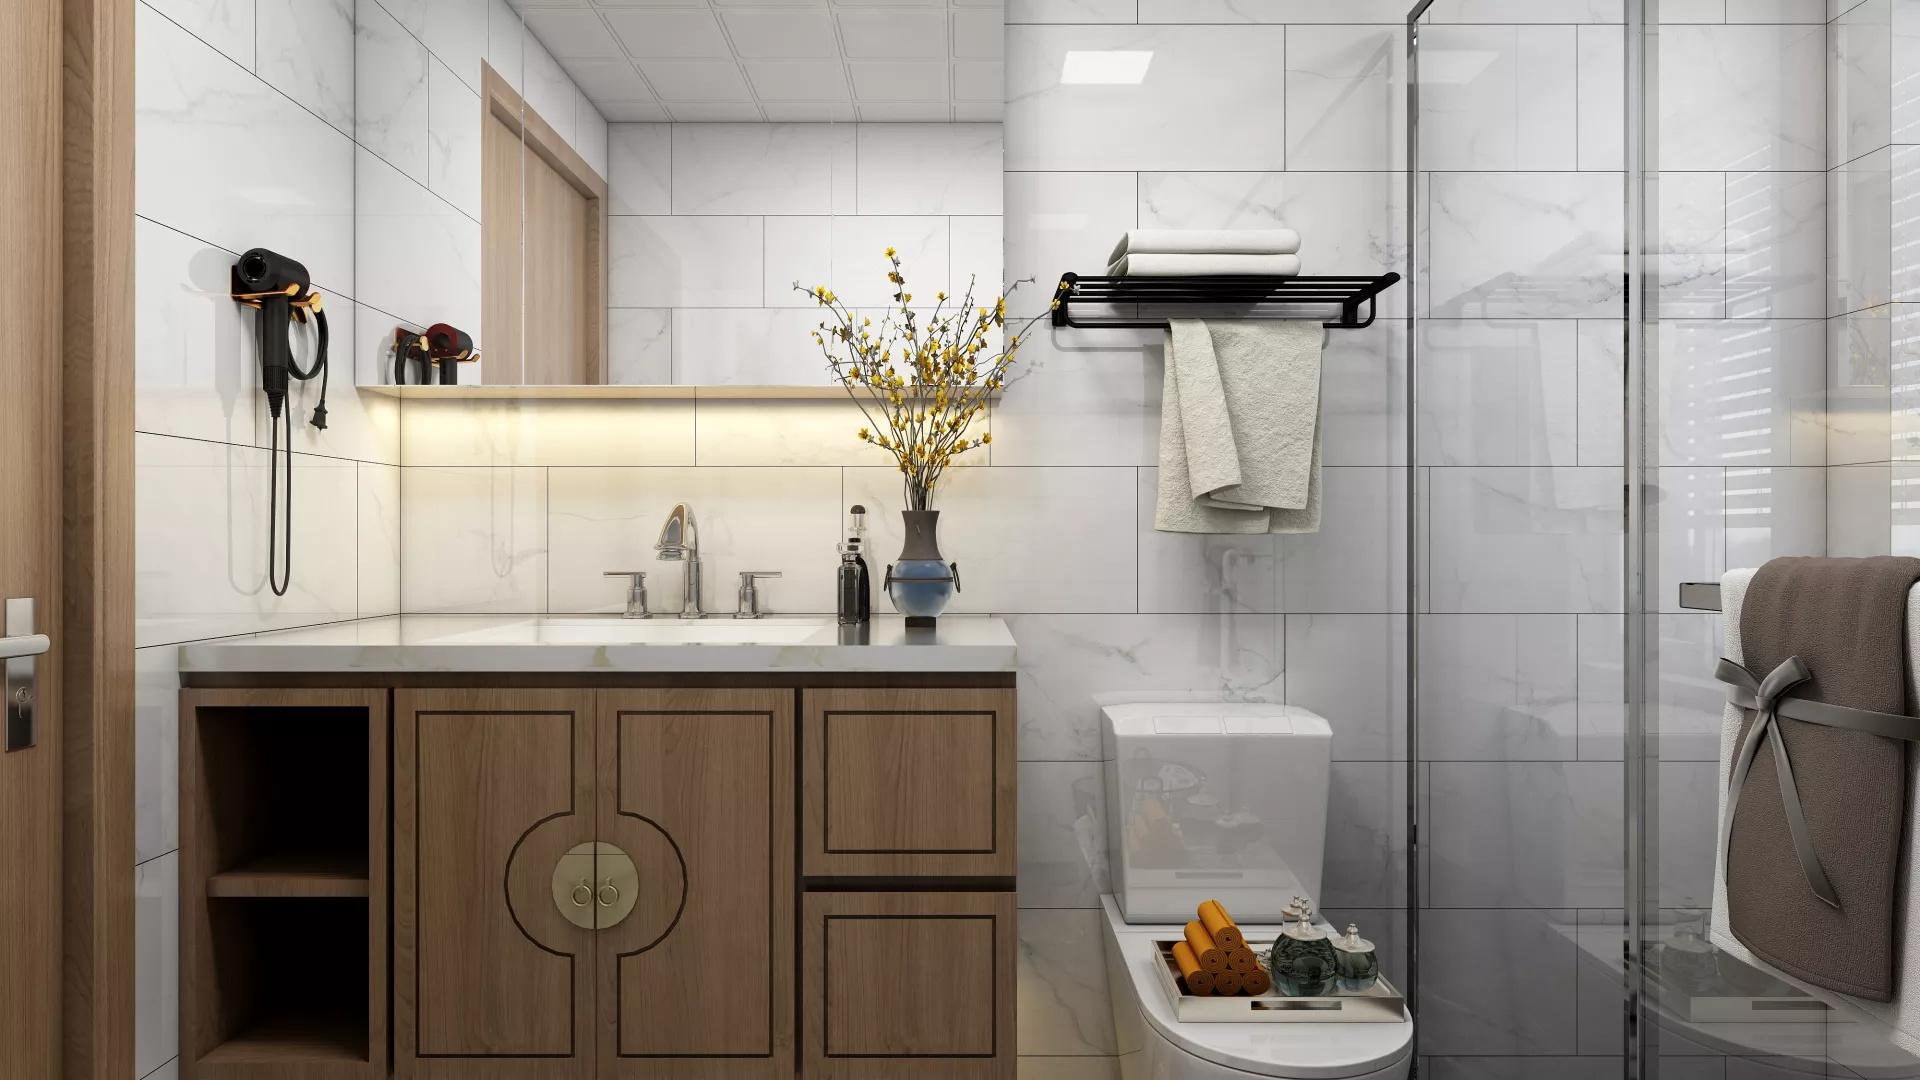 现代简约风格家居装修效果图